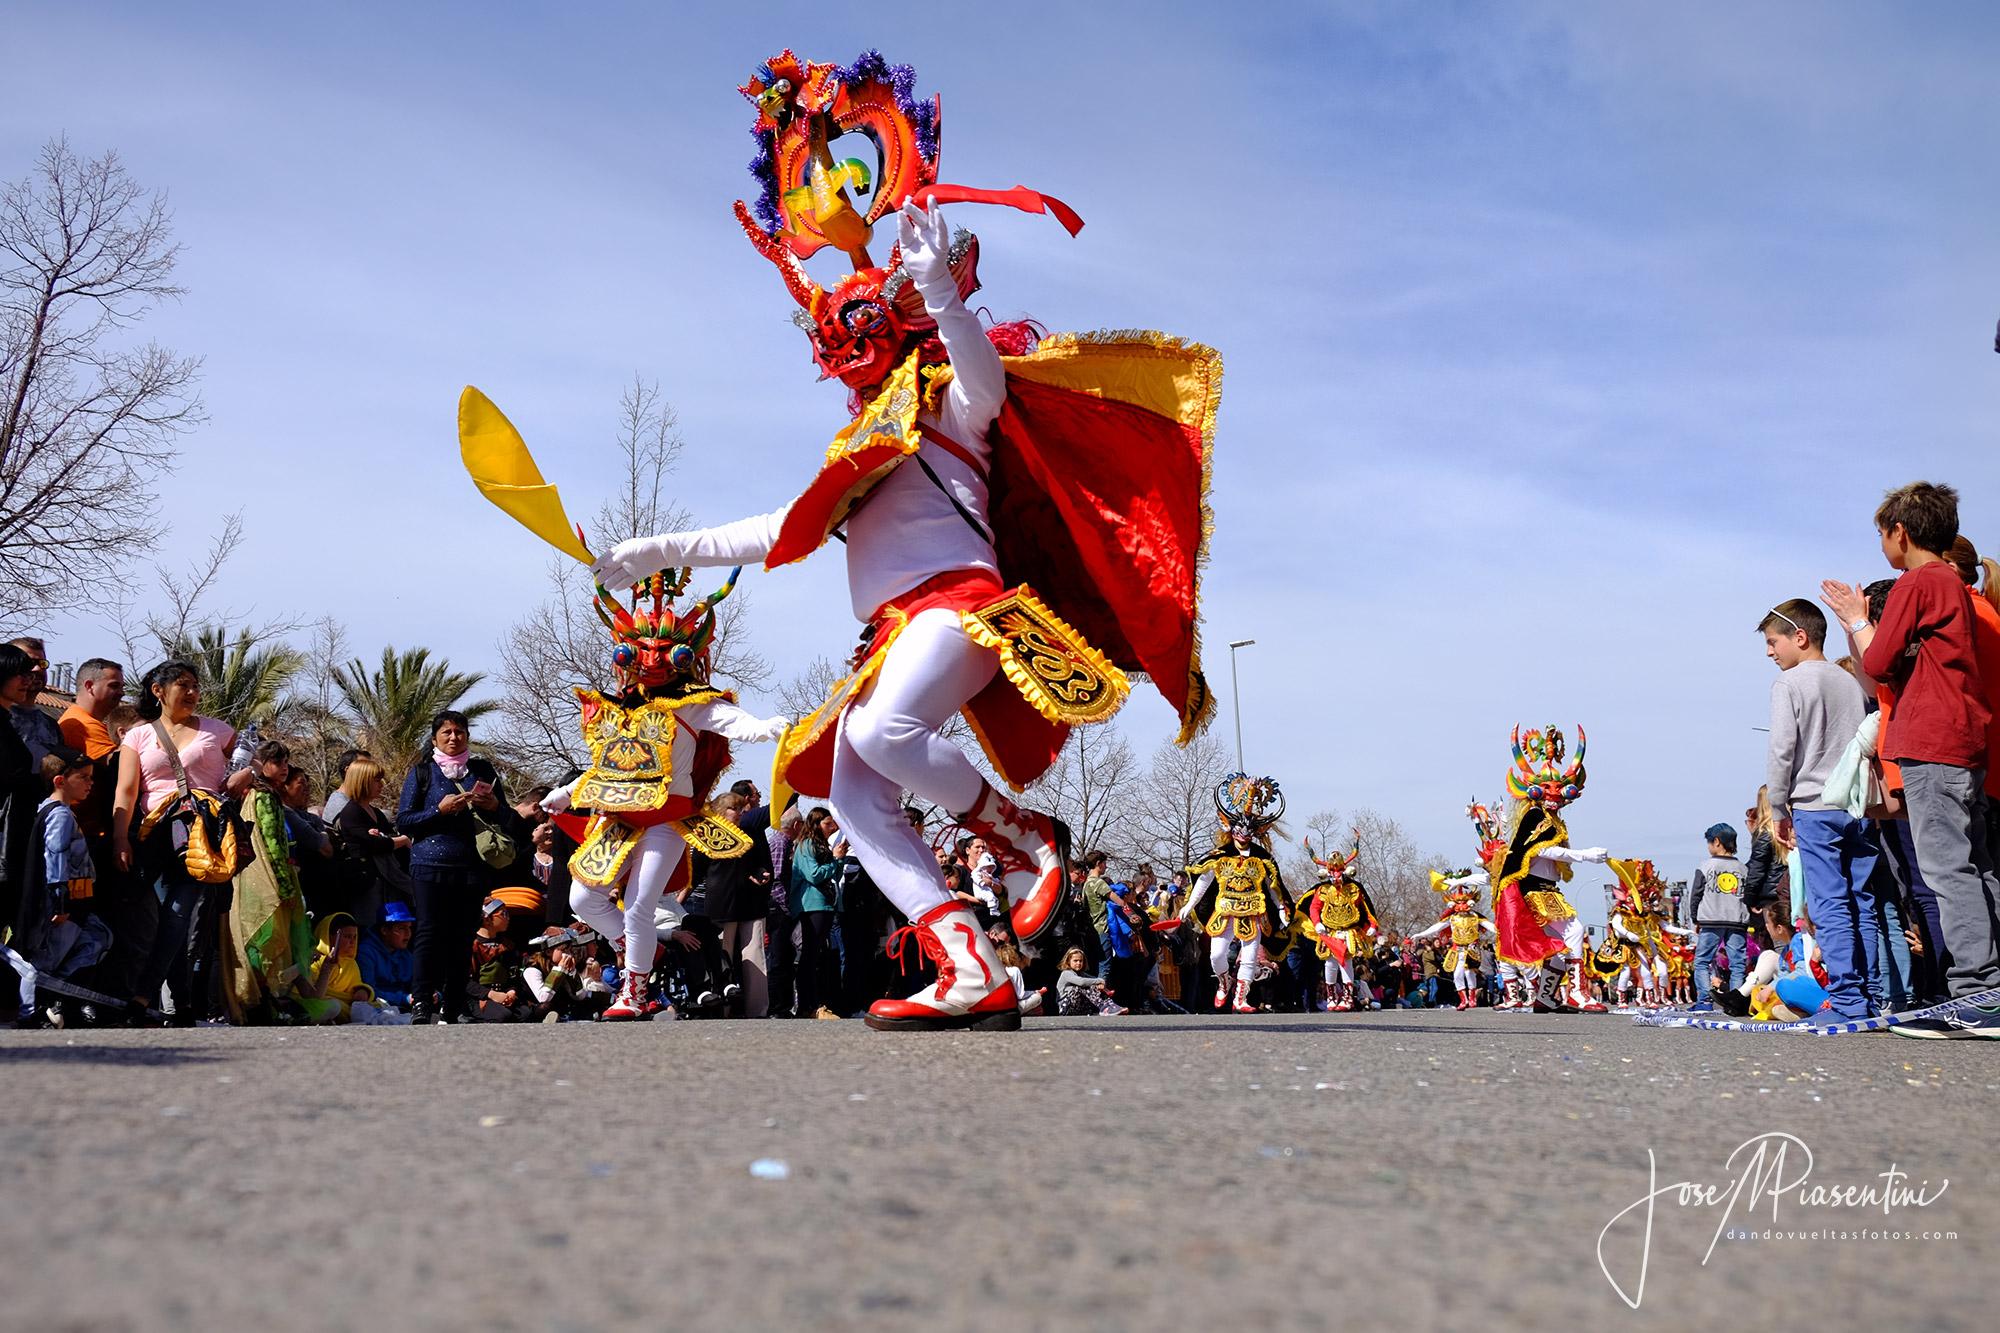 Desfile de carrozas en el Carnaval en Els Monjos